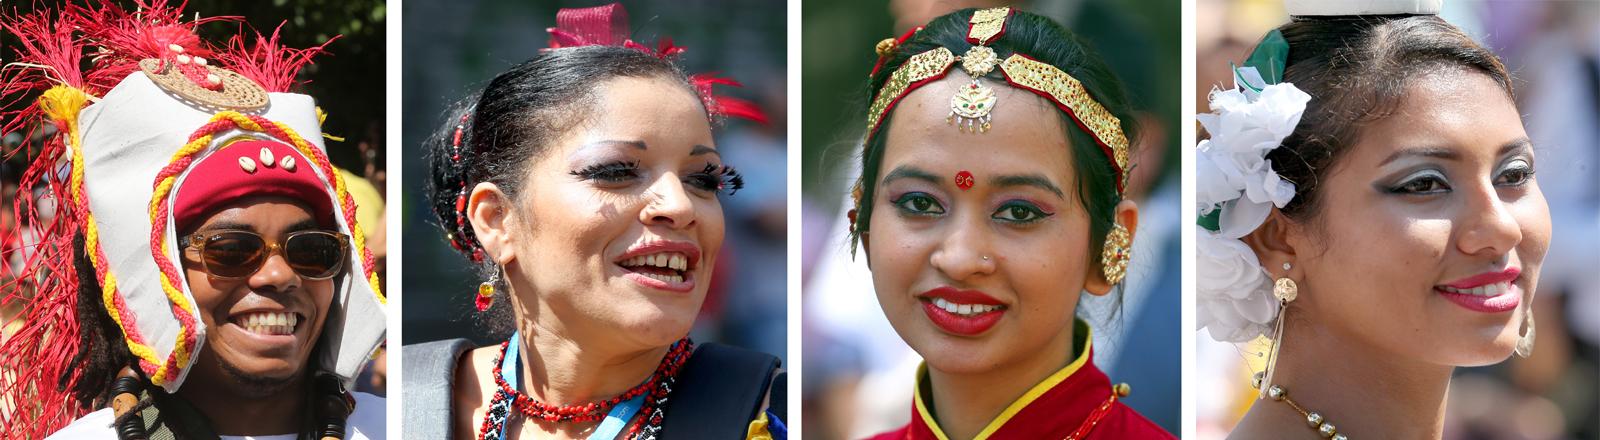 Gesichter des Karnevals - Menschen in bunten Kostümen und farbigen Make-Ups nehmen am 19.05.2013 in Berlin am Festumzug des Karnevals der Kulturen der Welt teil.